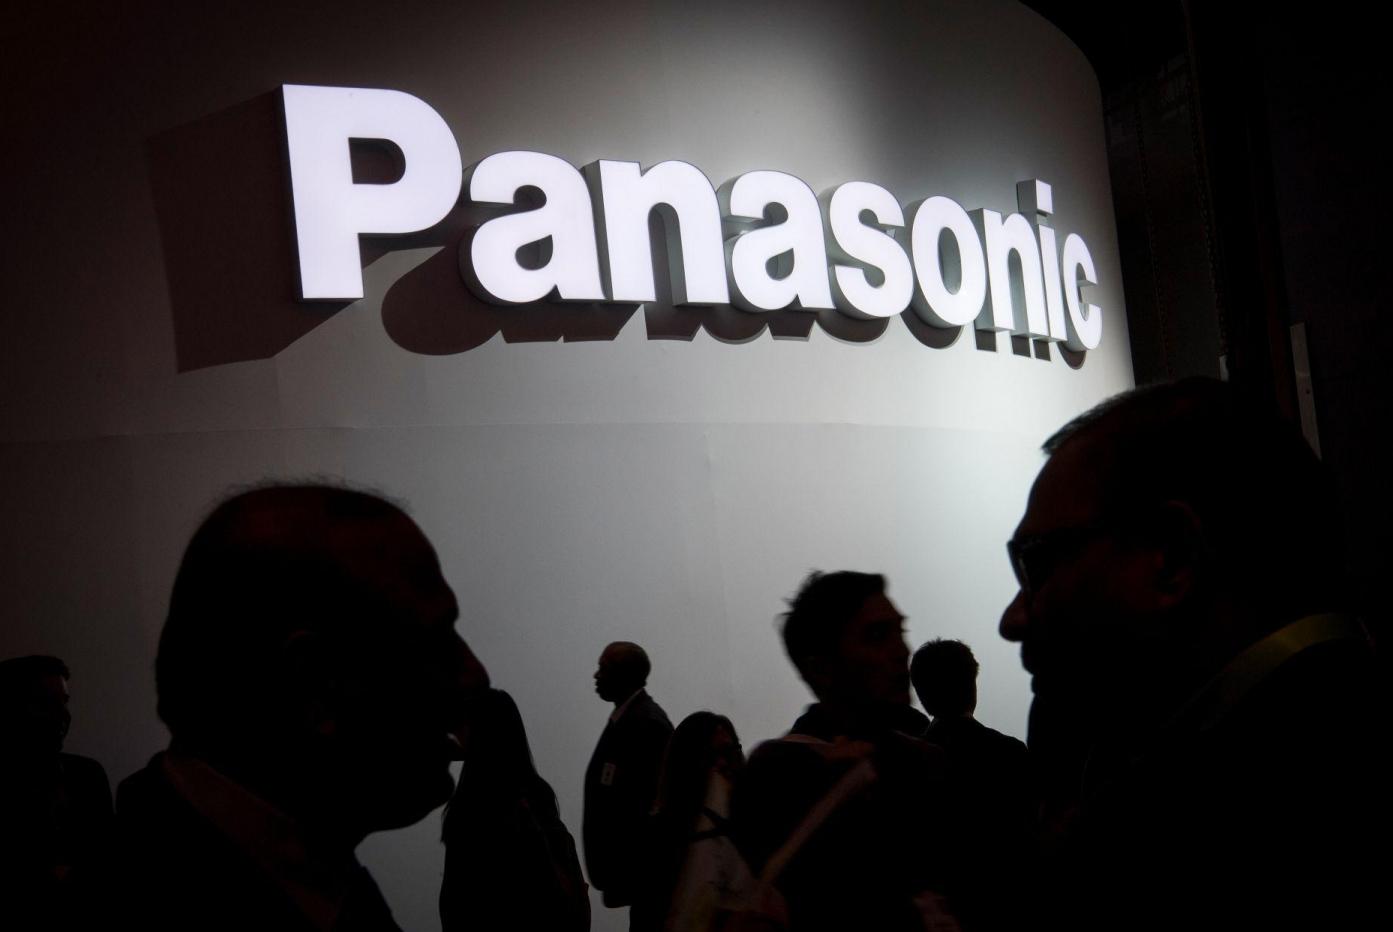 Panasonic đã bán toàn bộ cổ phần tại Tesla